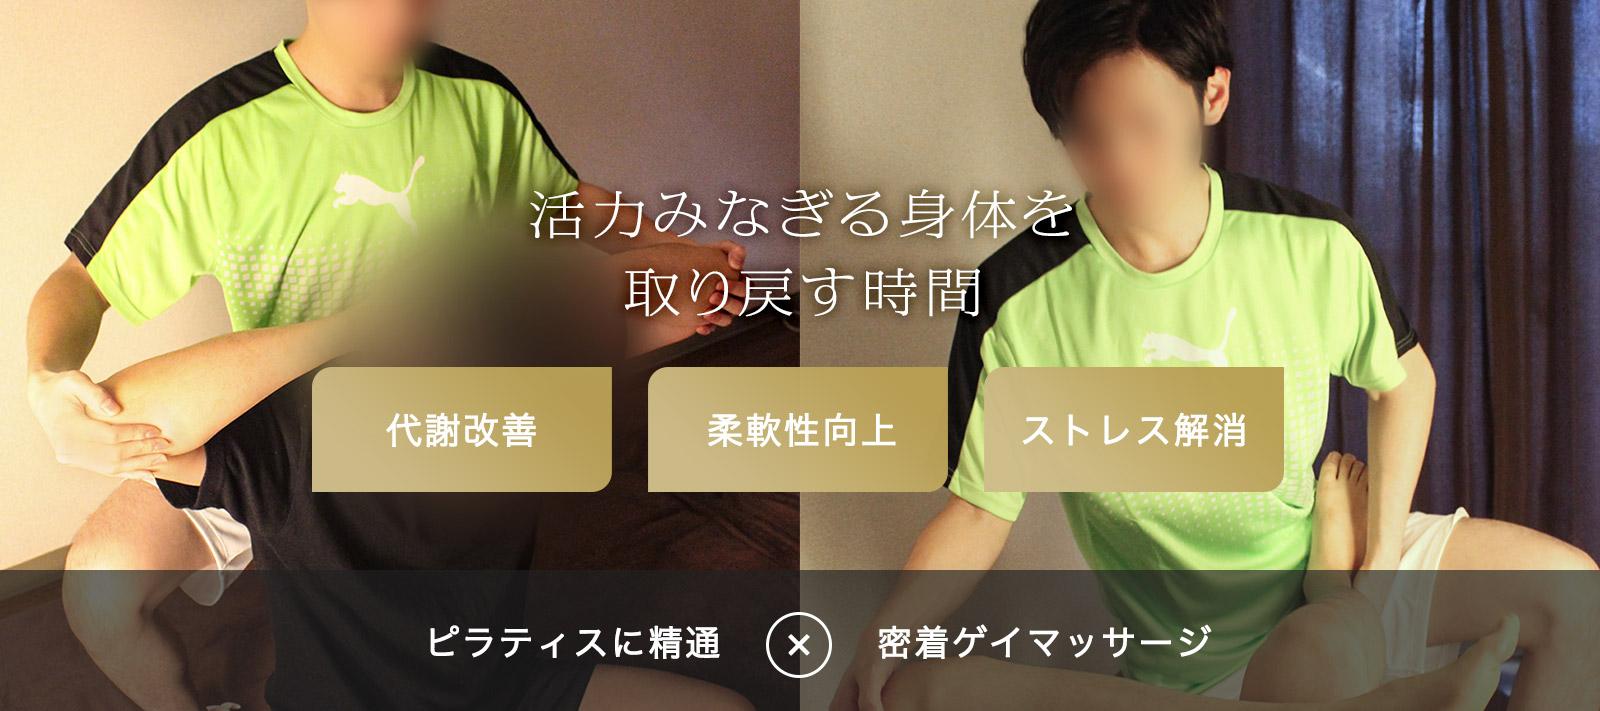 東京ゲイマッサージRebodyTokyoはこちら